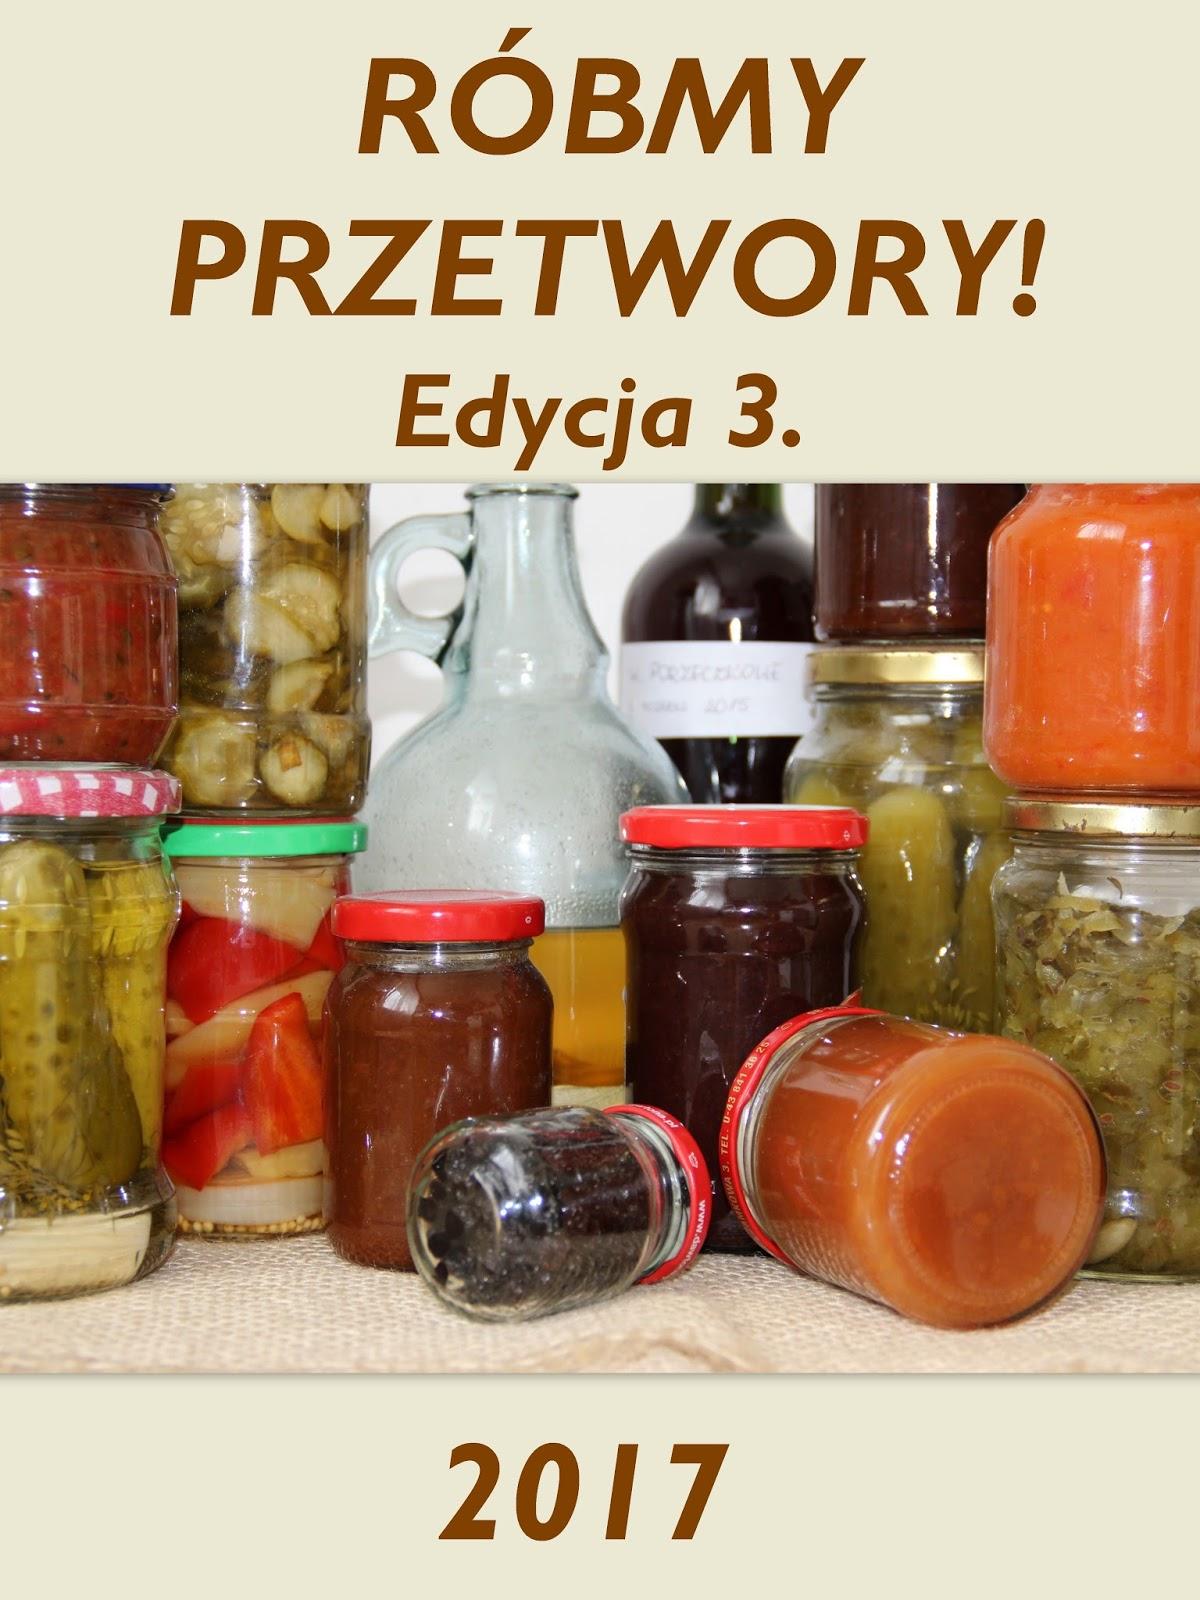 http://weekendywdomuiogrodzie.blogspot.com/2017/06/robmy-przetwory-edycja-3-zaproszenie-do.html